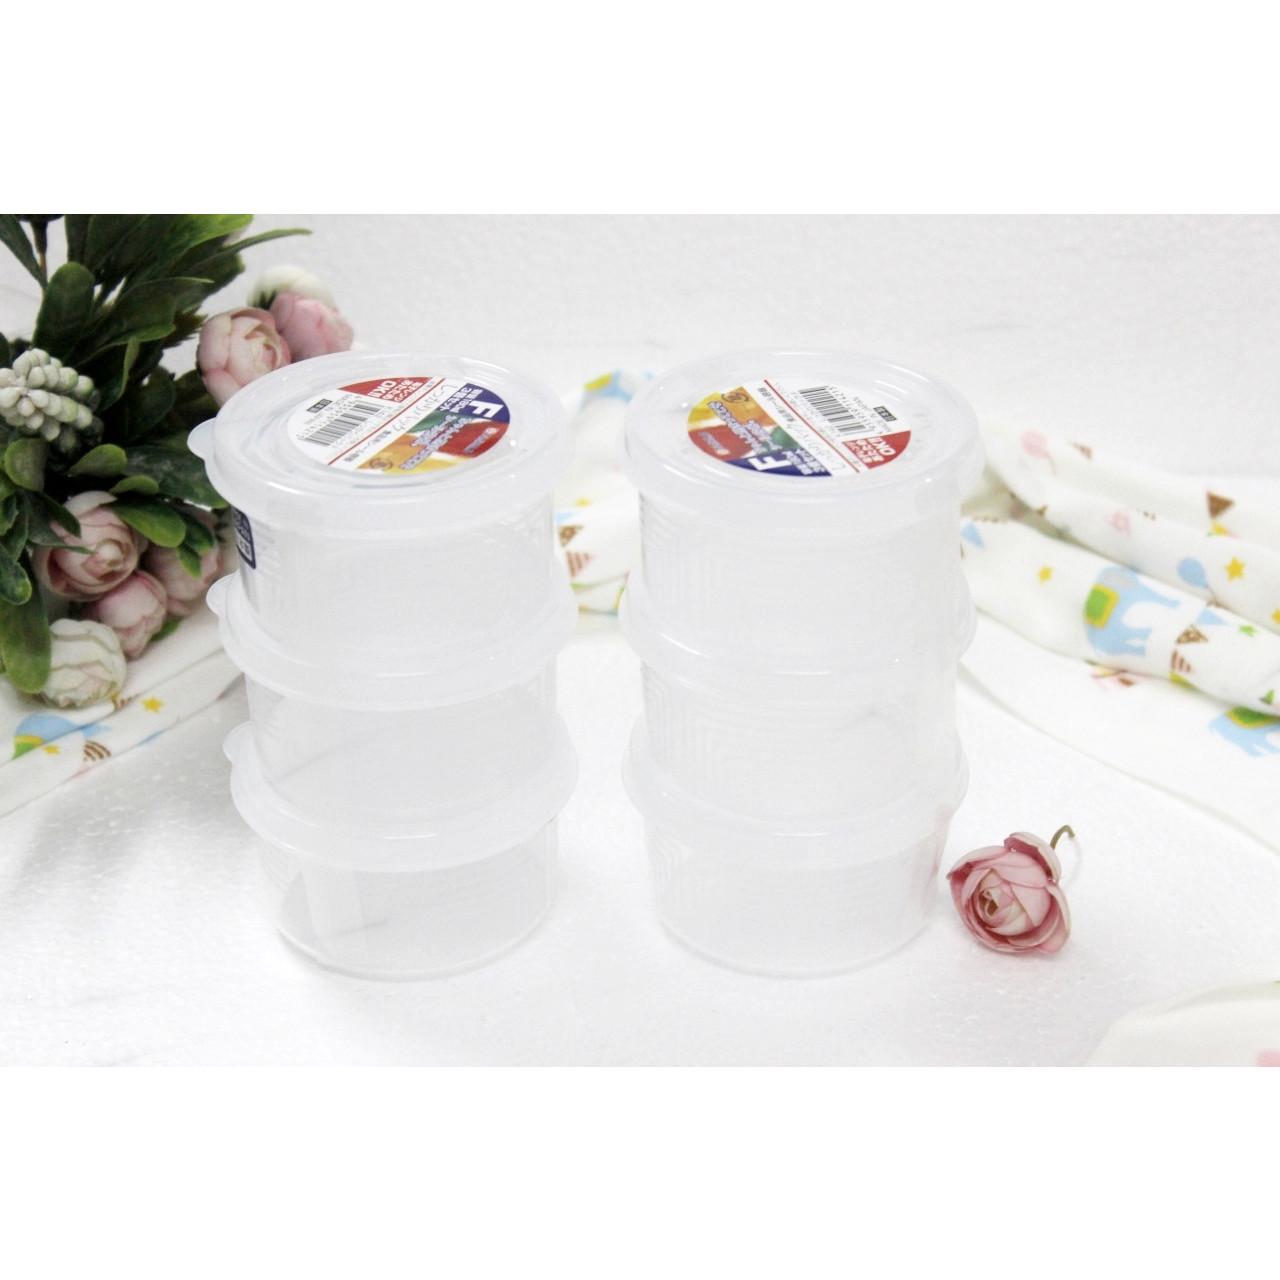 Bộ 2 hộp đựng đồ ăn nhanh bằng nhựa PP an toàn sức khỏe 540mL - Hàng Nhật nội địa